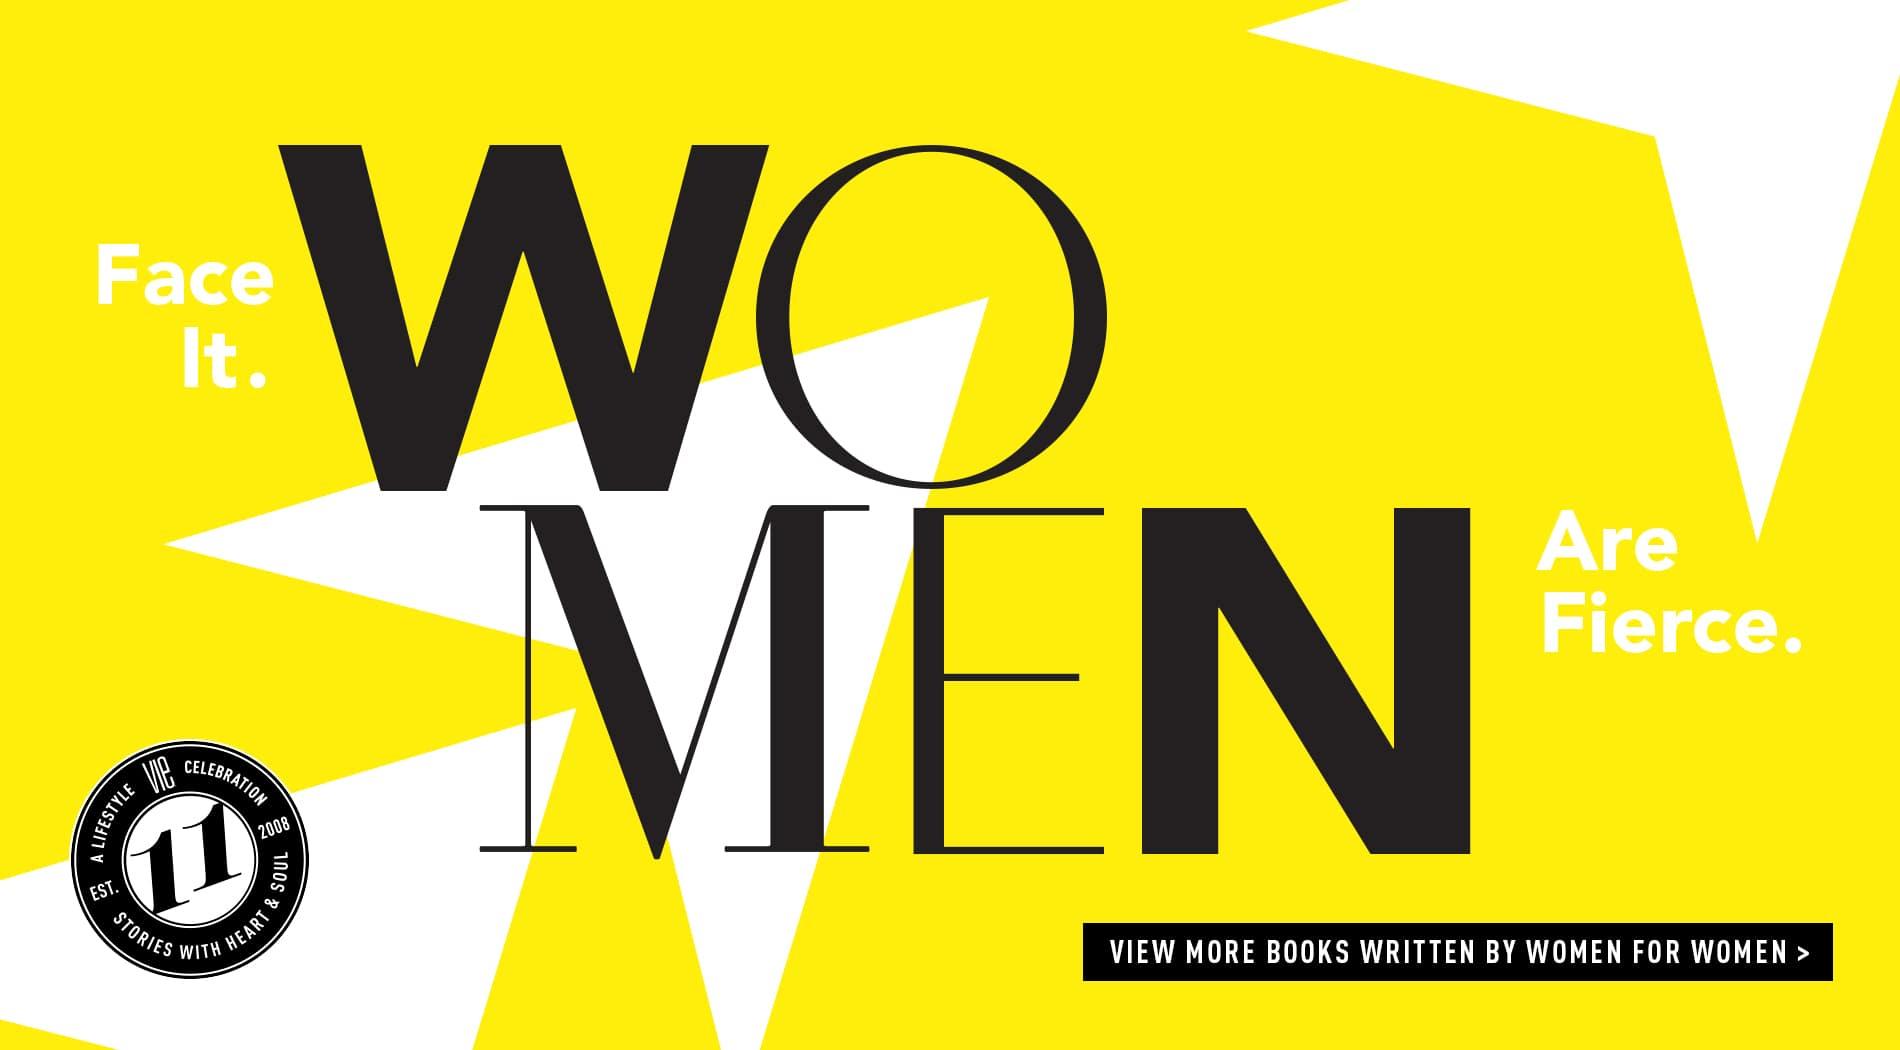 VIE Magazine - Women's Issue - December 2019 - Inspirational Books for Women